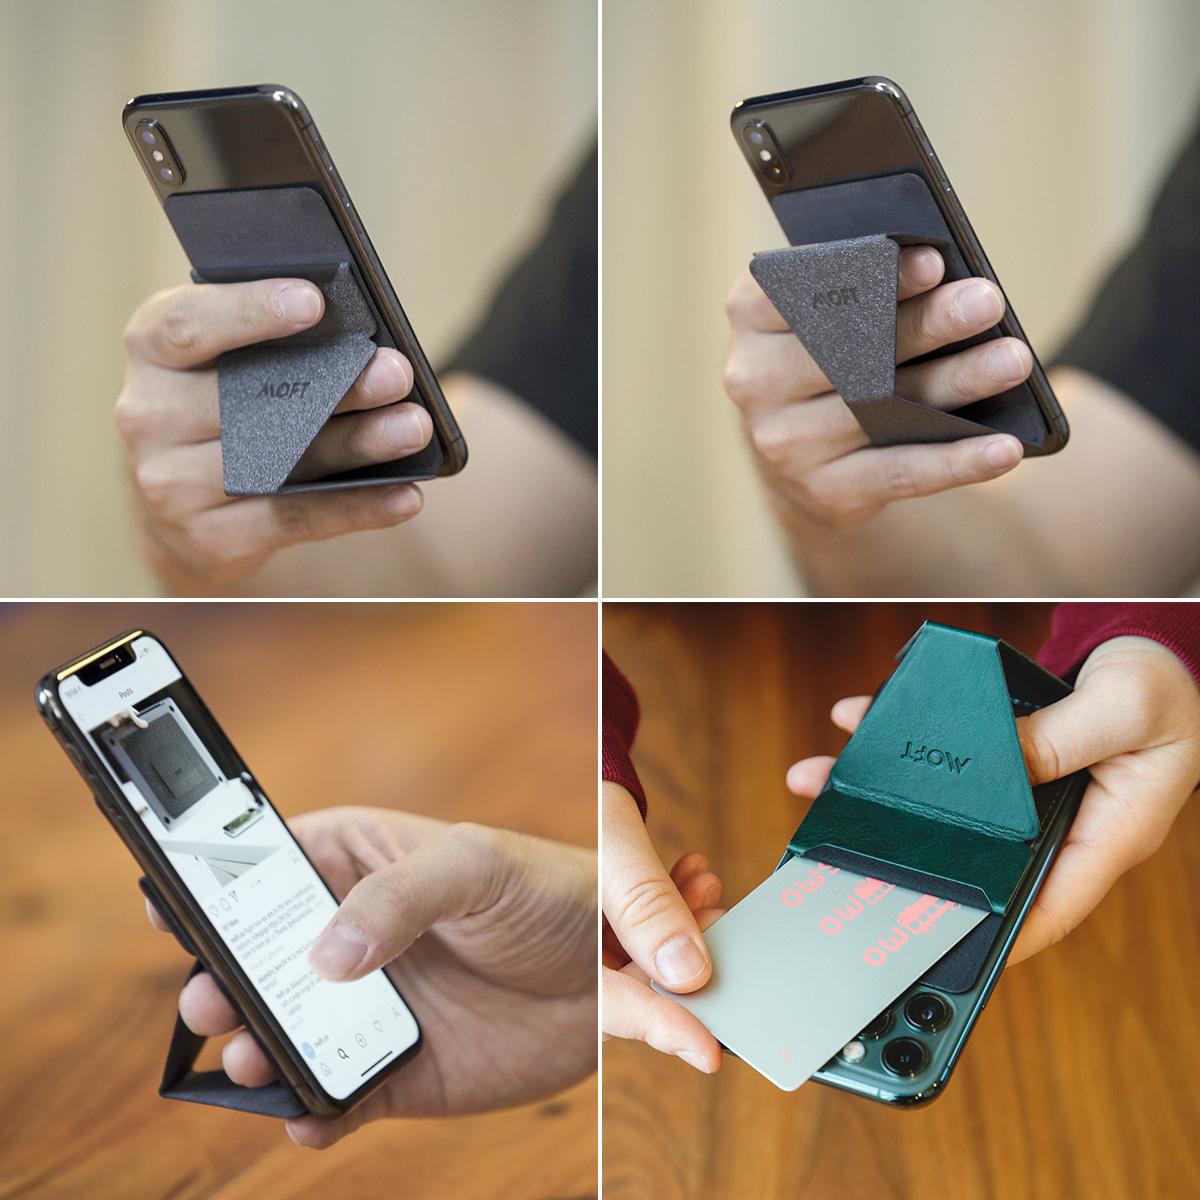 縦置き・横置きどちらも設置可能、カードポケットと磁石付きの万能スマホスタンド|MOFT|スマホアクセサリーで快適なモバイルライフを。スマホがもっと便利になるおすすめグッズをご紹介